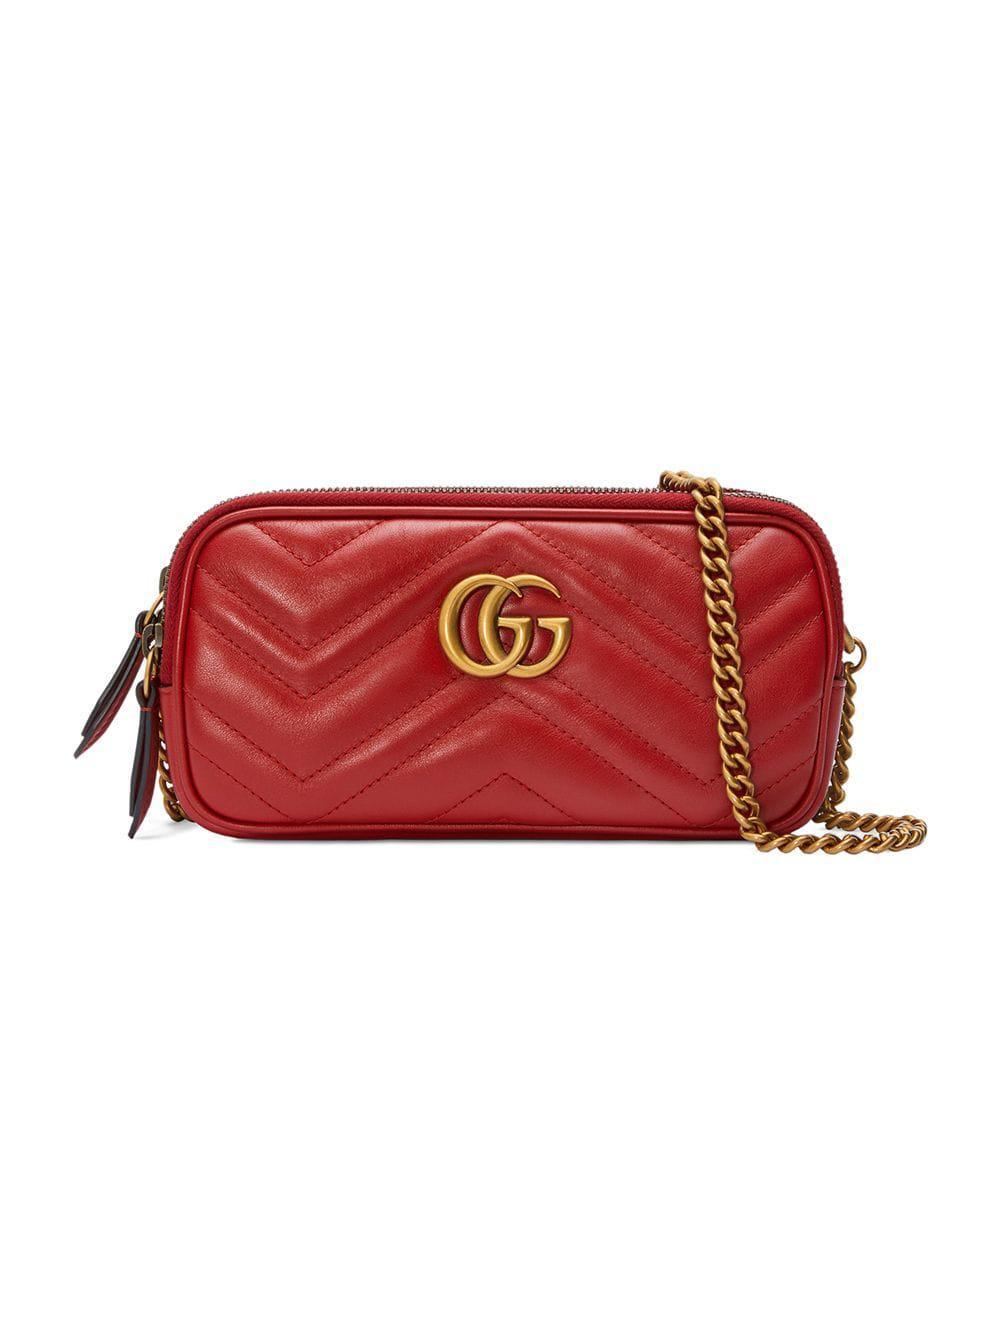 8e4c0dd8f3c1db Gucci Gg Marmont Mini Chain Bag - Red | ModeSens